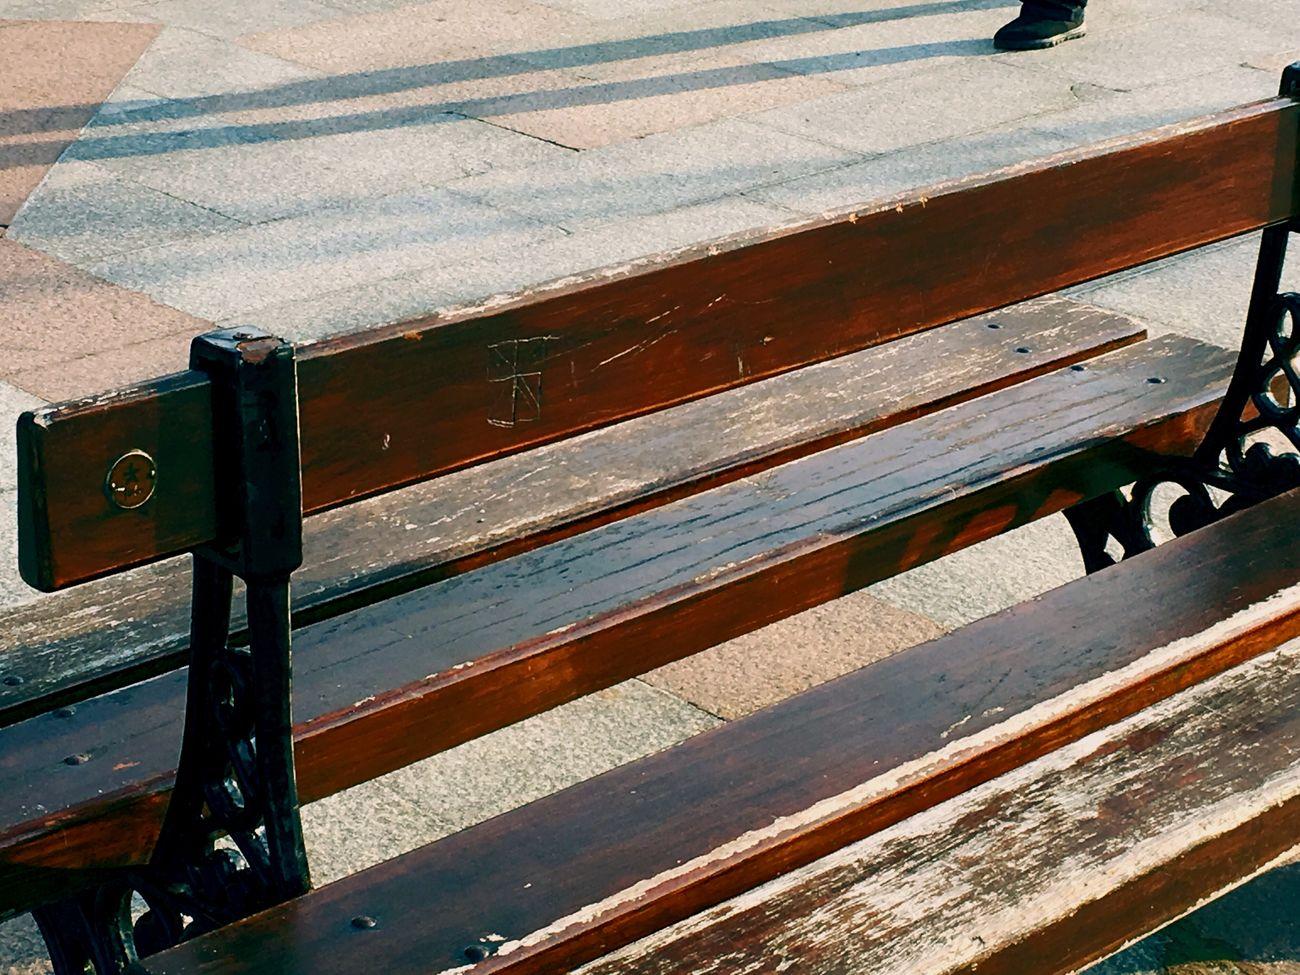 Banco Calle Street Paseo Paseando Sencillez Taking Photos Hello World EyeEm Eyeemspain Euskadi Euskadigrafias Euskadibasquecountry Euskaditurismo Euskorincones Euskalherria Landscape_Collection Landscape_photography IPhone IPhoneography IPhone 6s